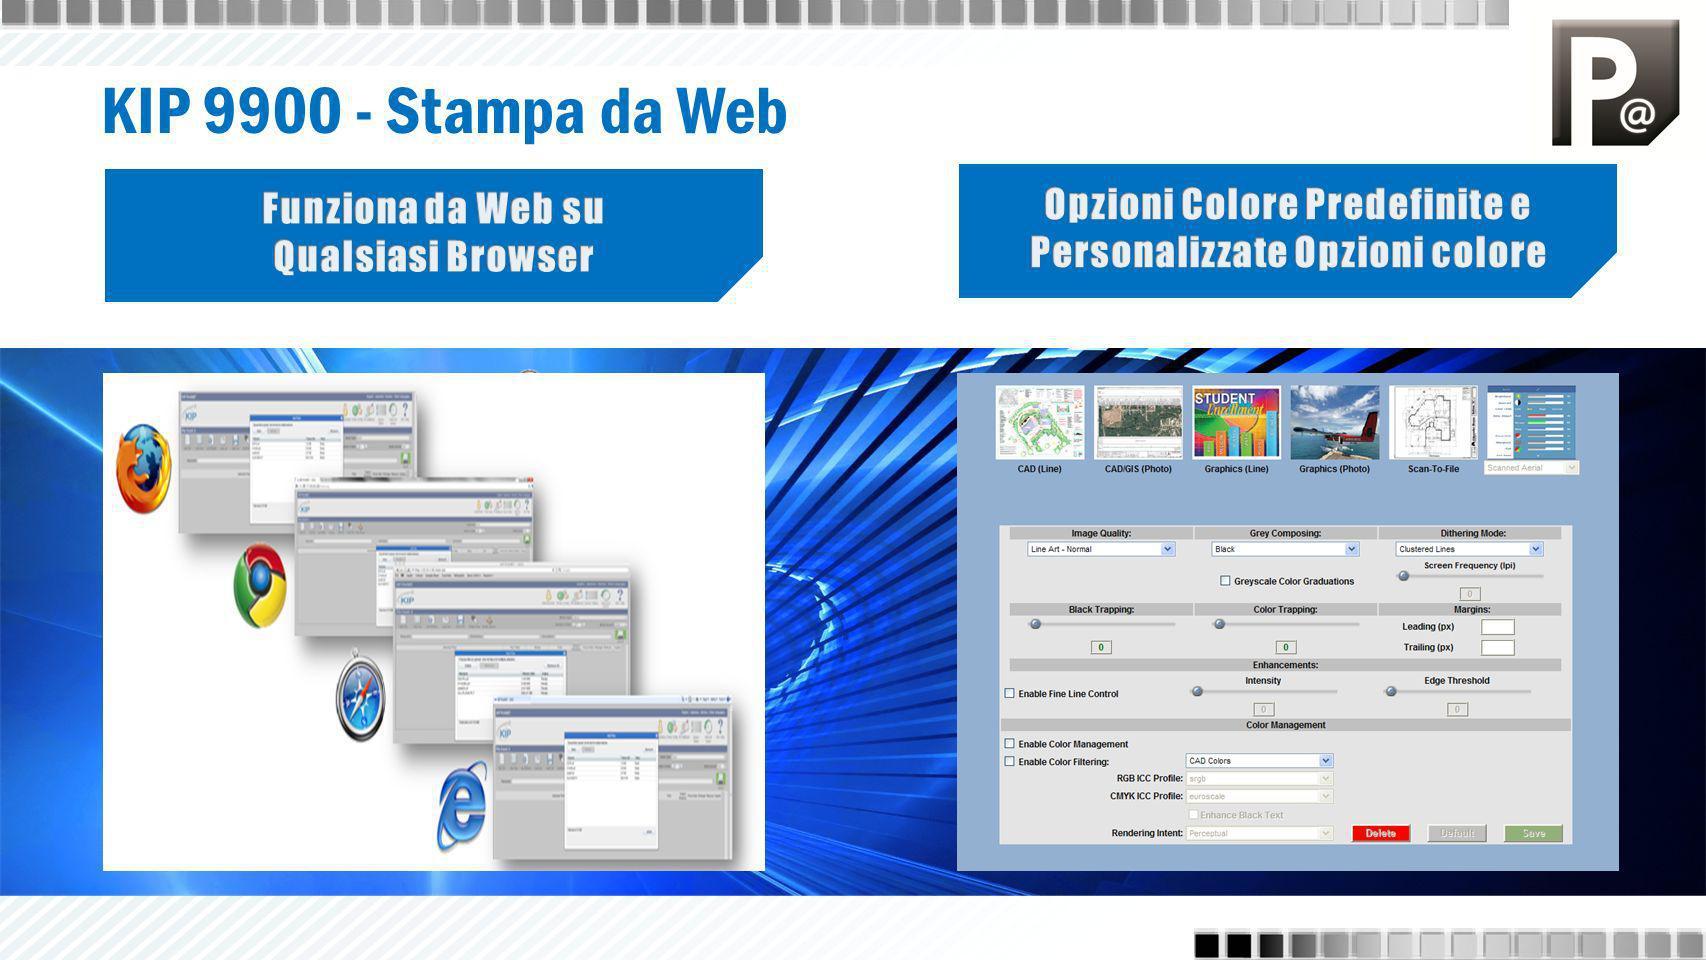 KIP 9900 PrintNET - Stampa da Web Stampa set di lavori completi da qualunque postazione Numero illimitato di file per lavoro Compatibilità al 100 % con i browser Web Visualizzazione immagini integrata per tutti i tipi di file Applicazione delle impostazioni di stampa a singoli file o lavori completi Elaborazione rapida dei file per la massima produttività